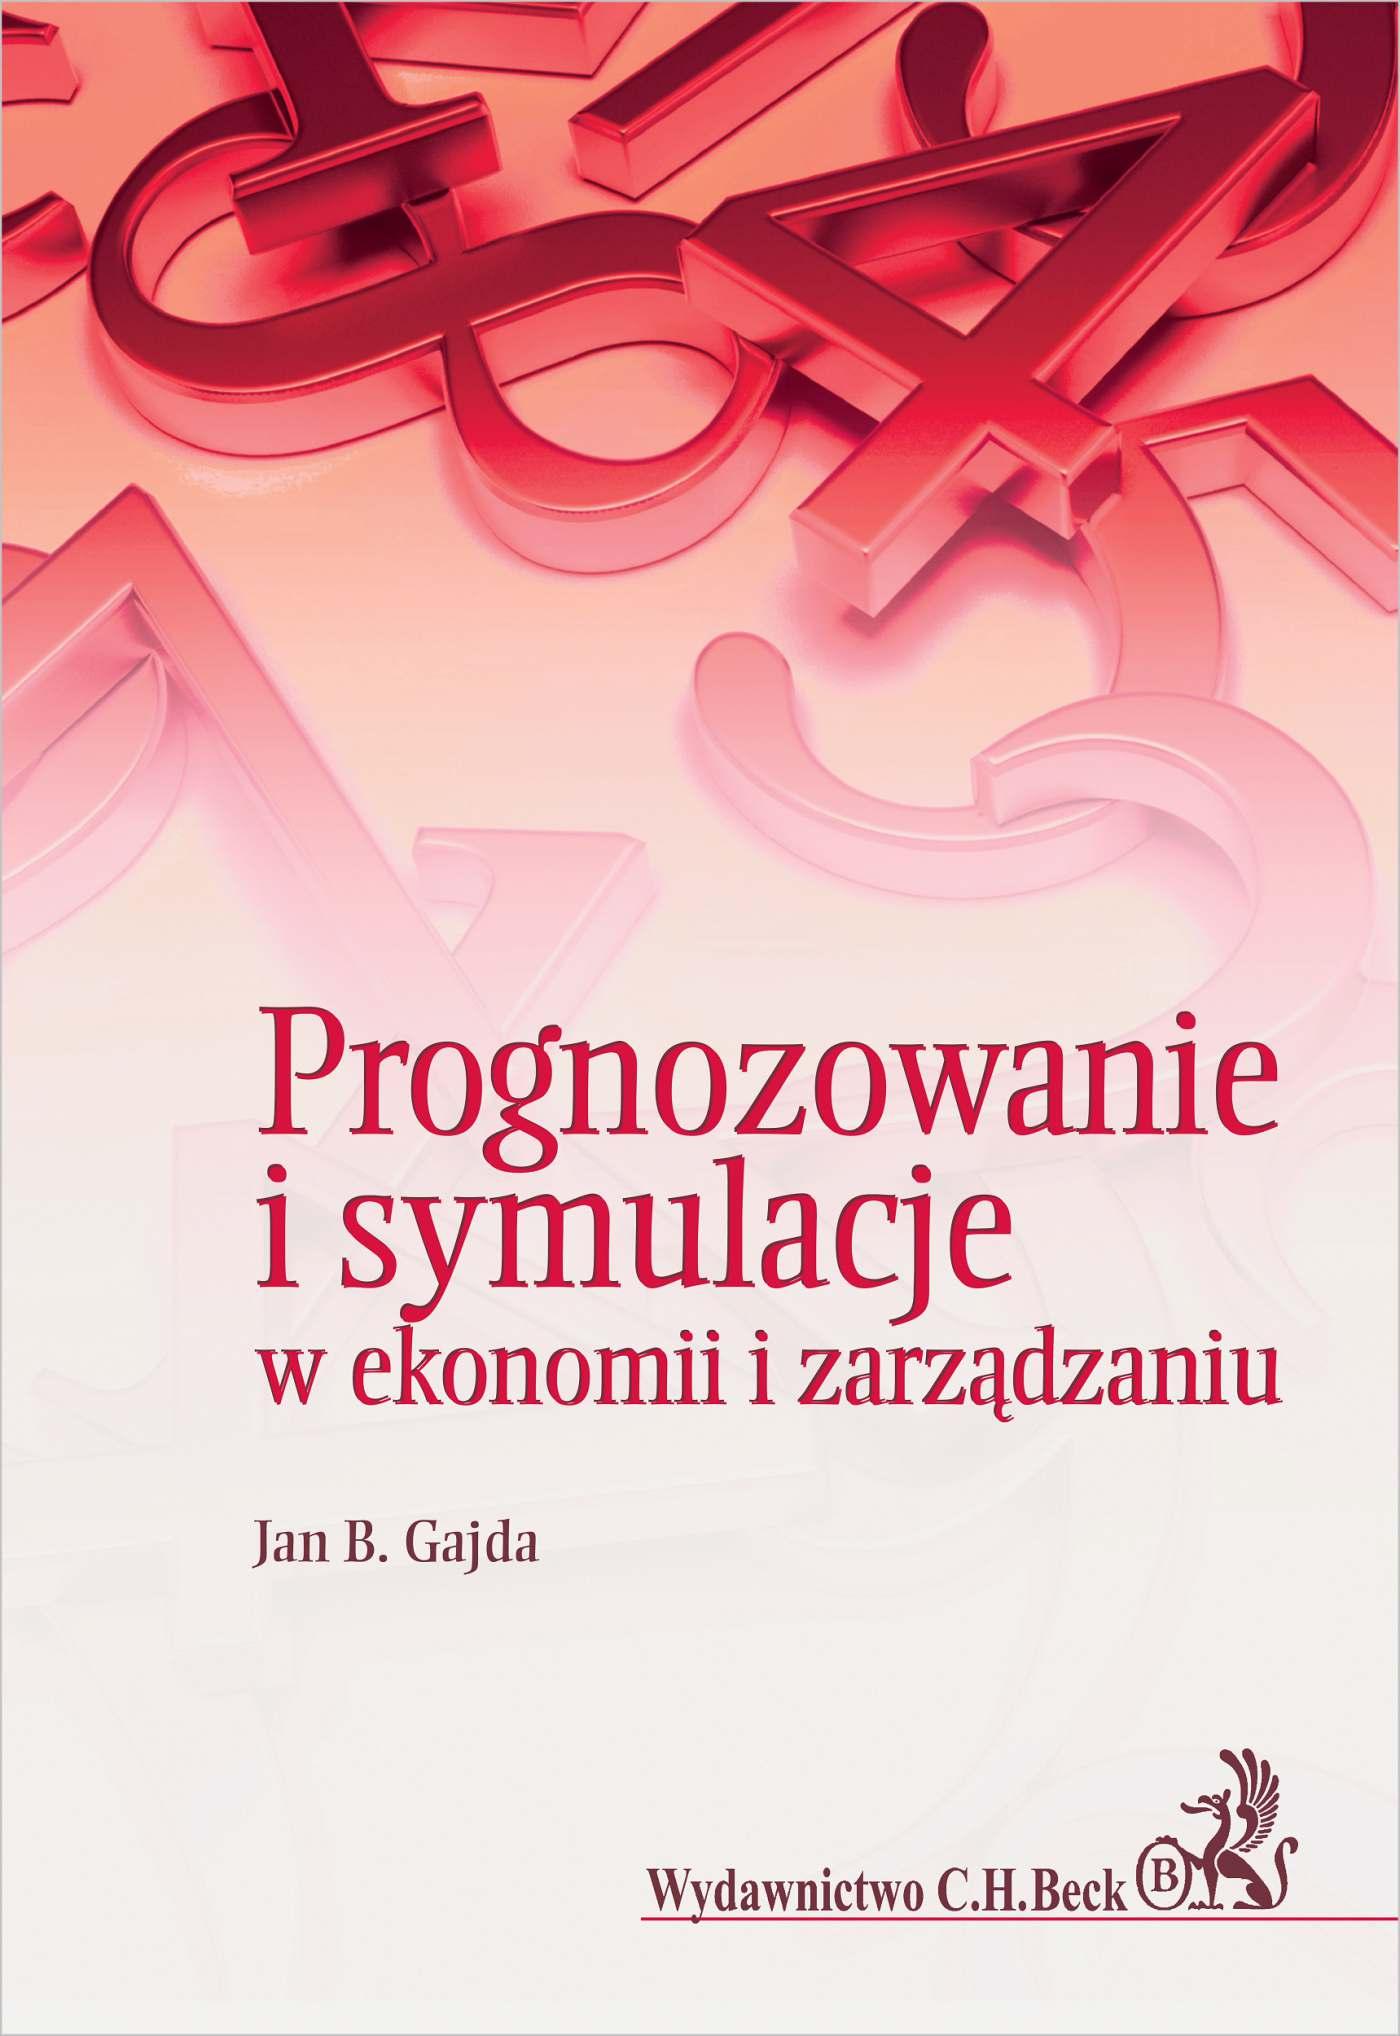 Prognozowanie i symulacje w ekonomii i zarządzaniu - Ebook (Książka PDF) do pobrania w formacie PDF